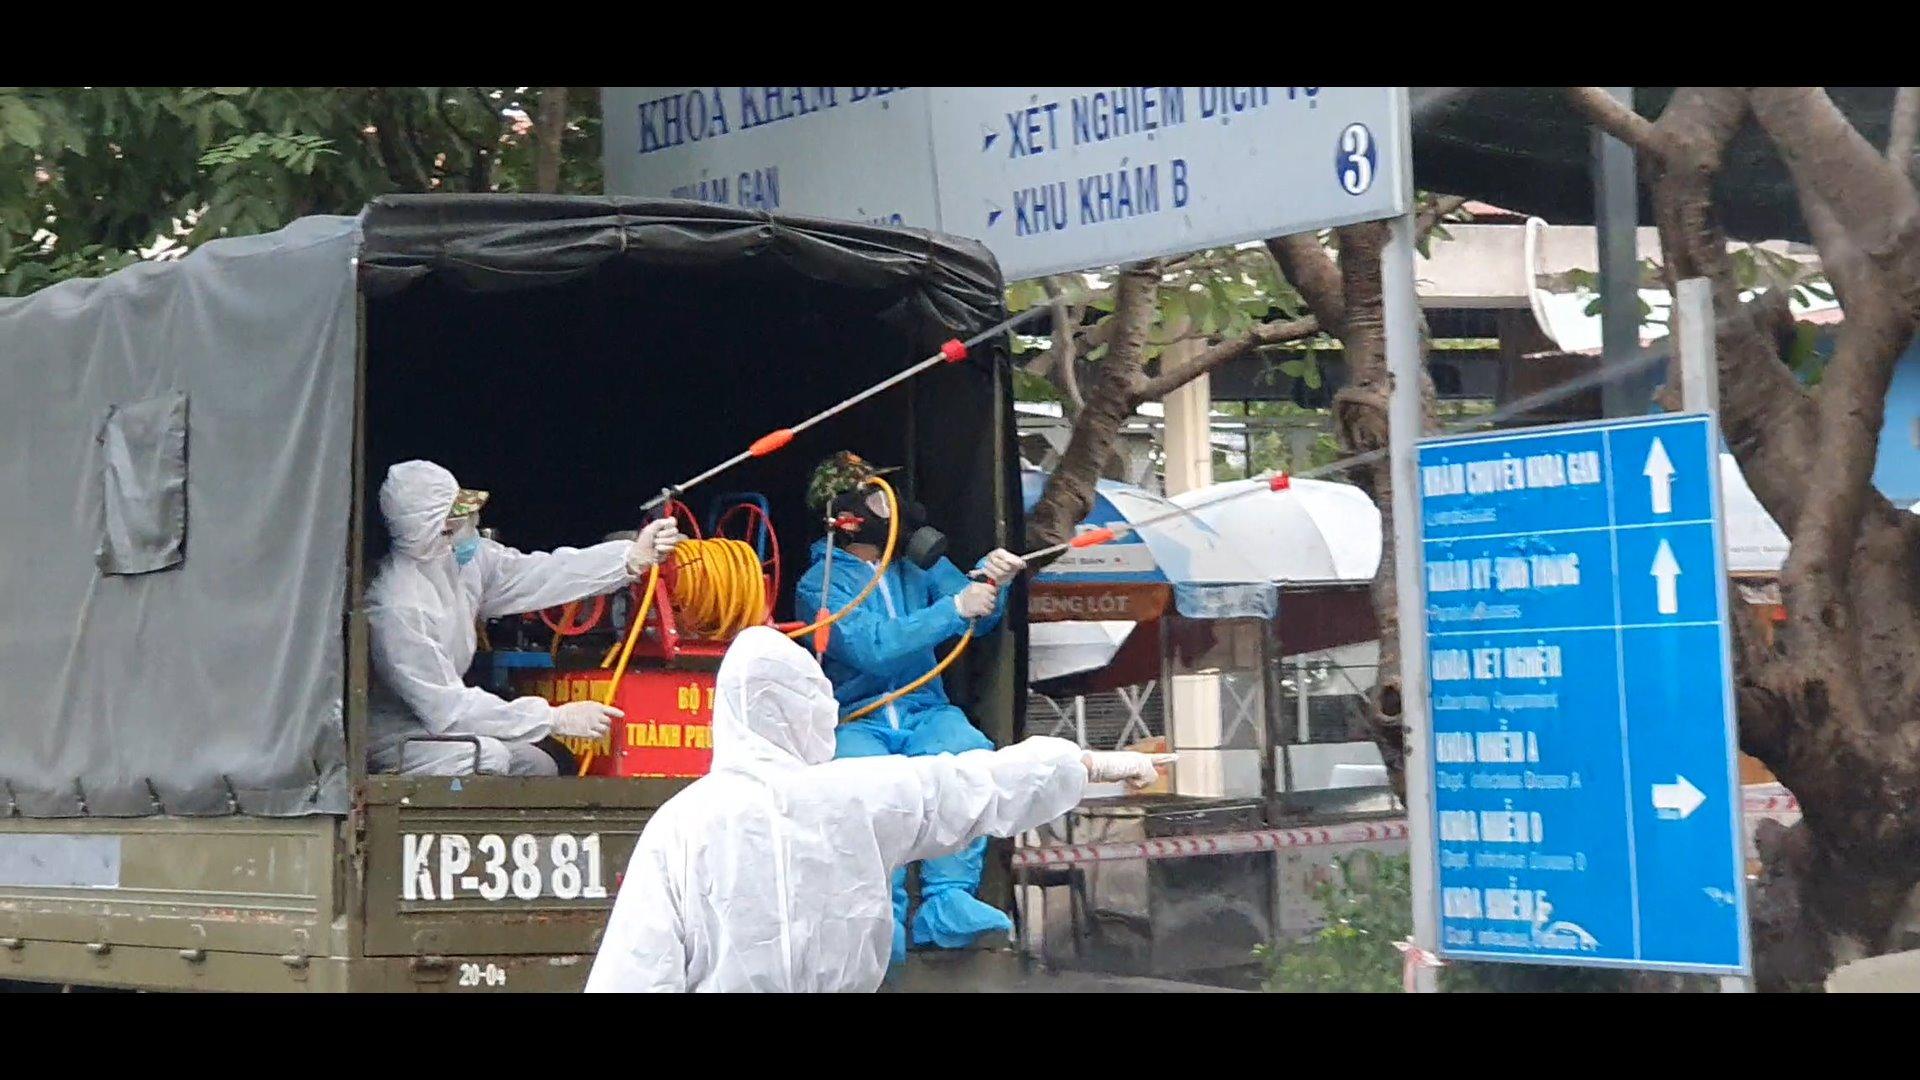 BV Bệnh Nhiệt đới TPHCM đã được khử khuẩn và phong tỏa toàn bộ bệnh viện.